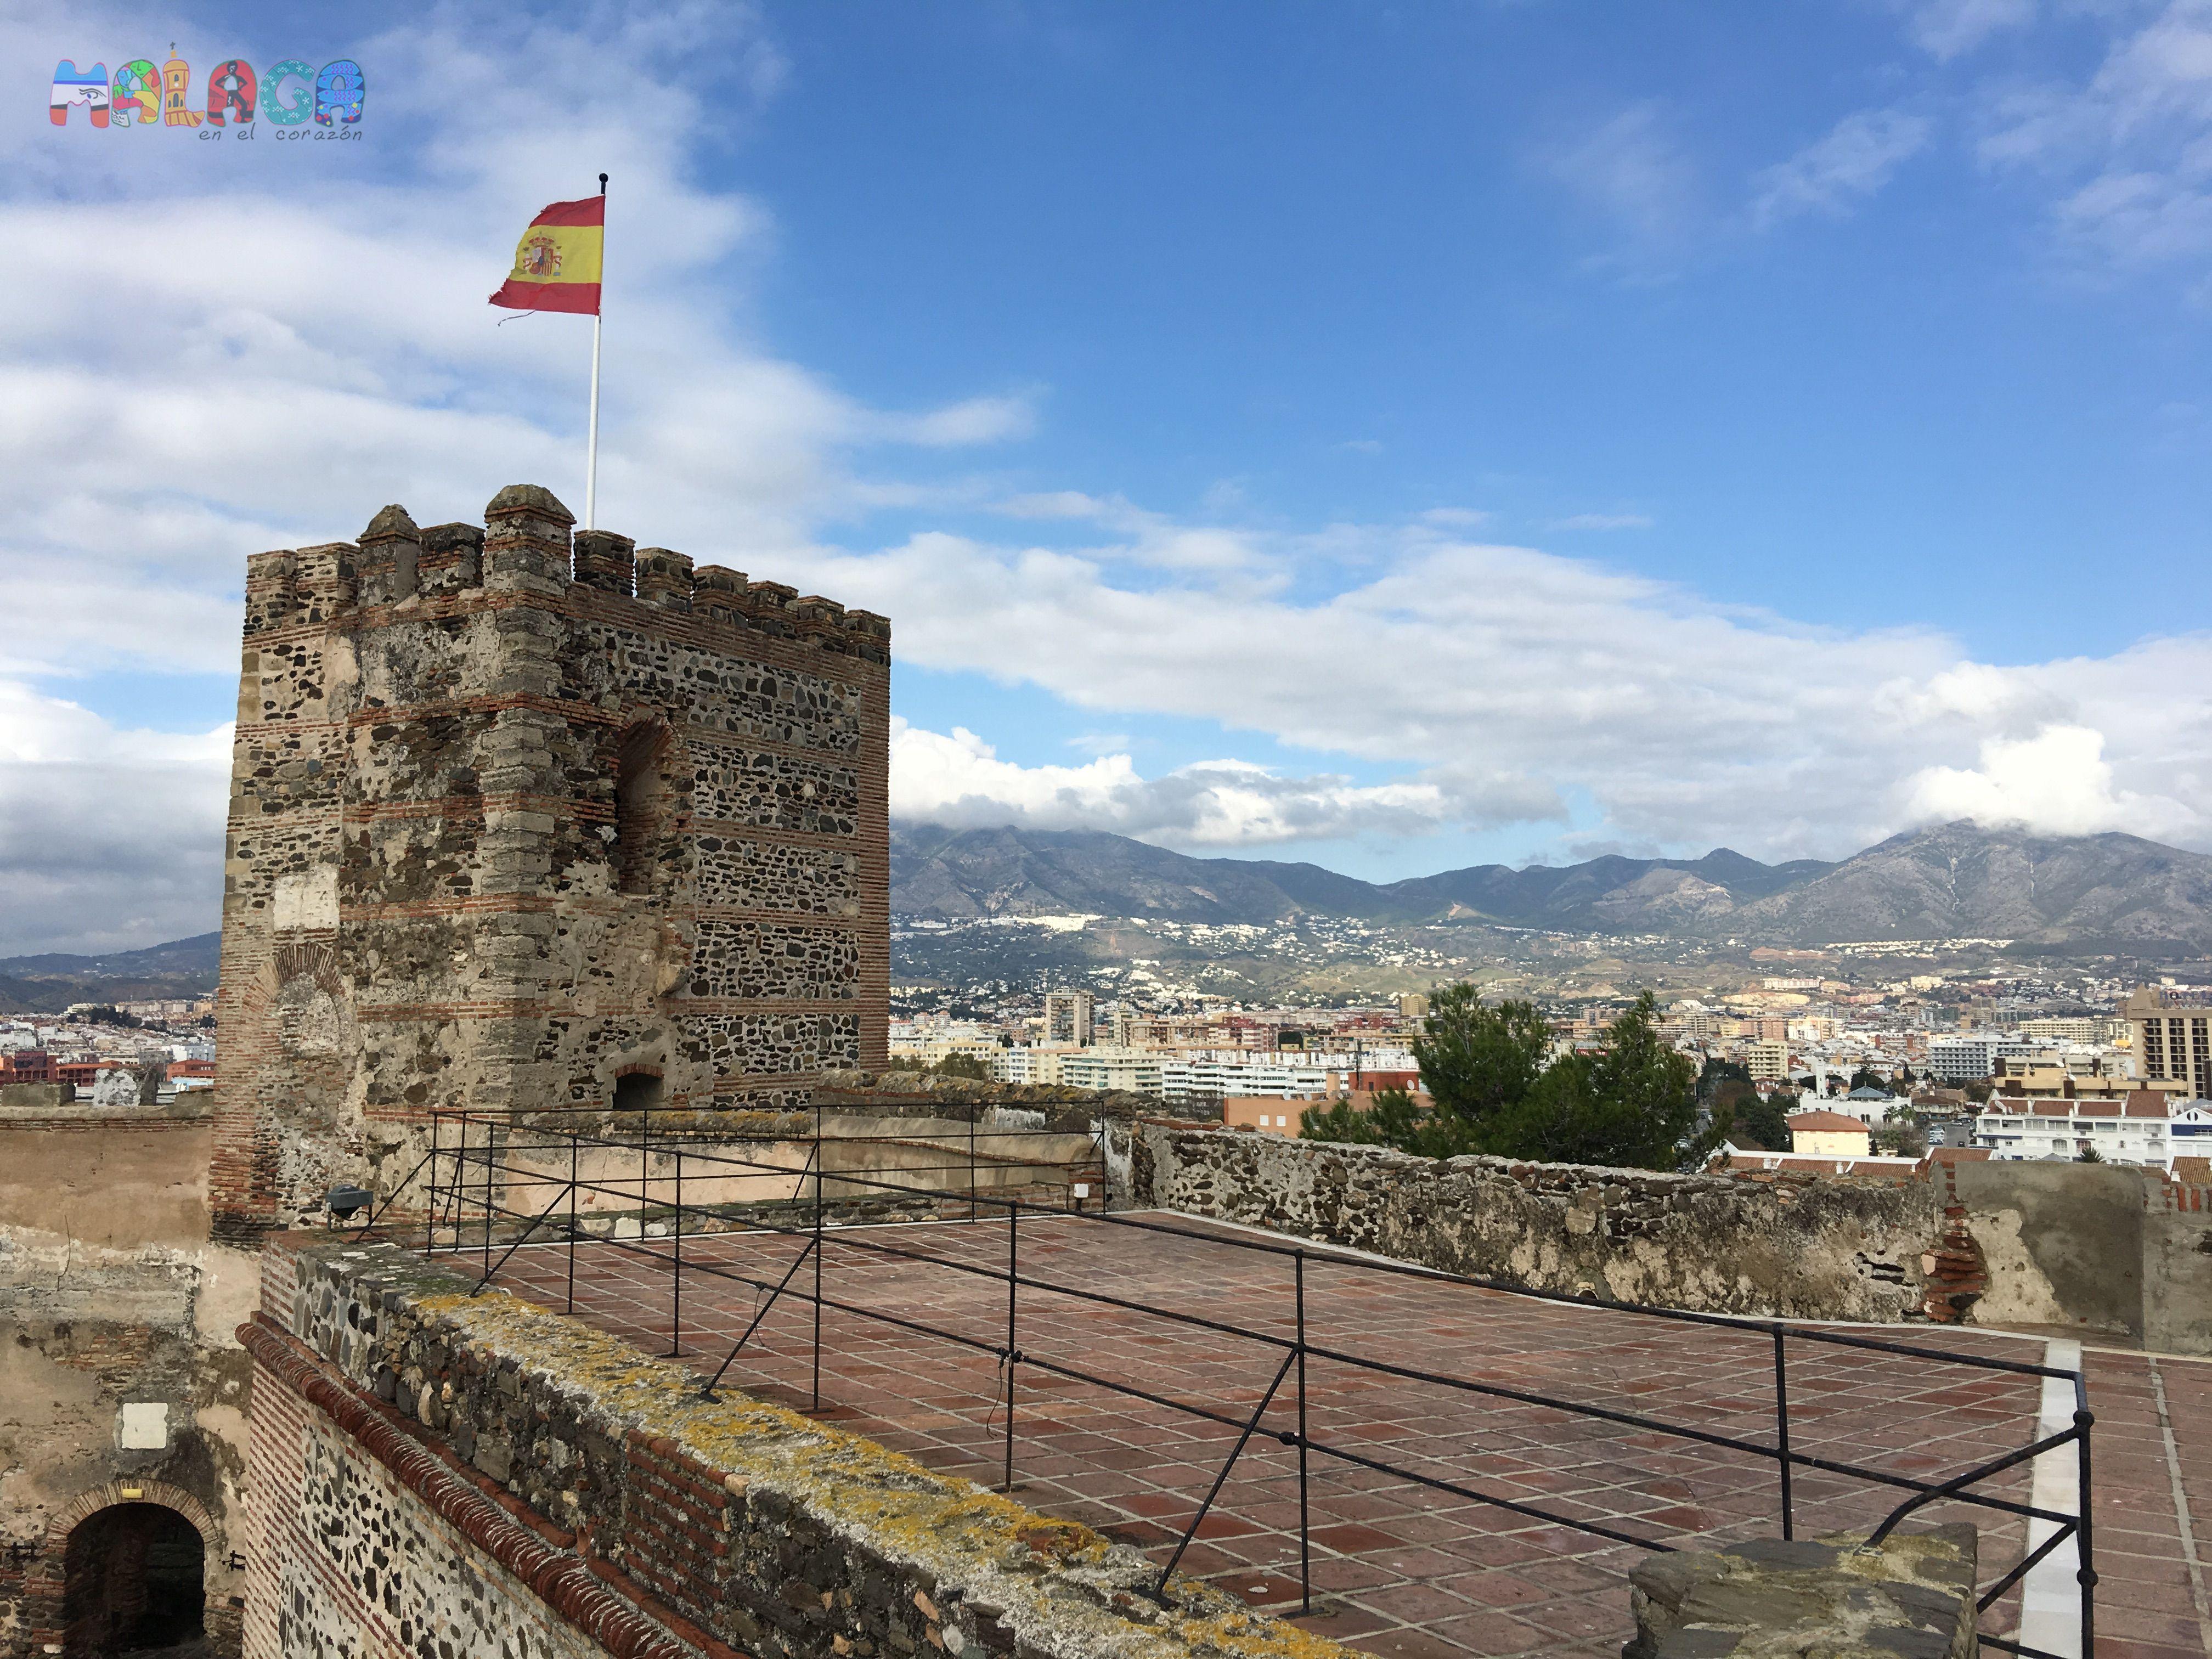 Castillo-Sohail7